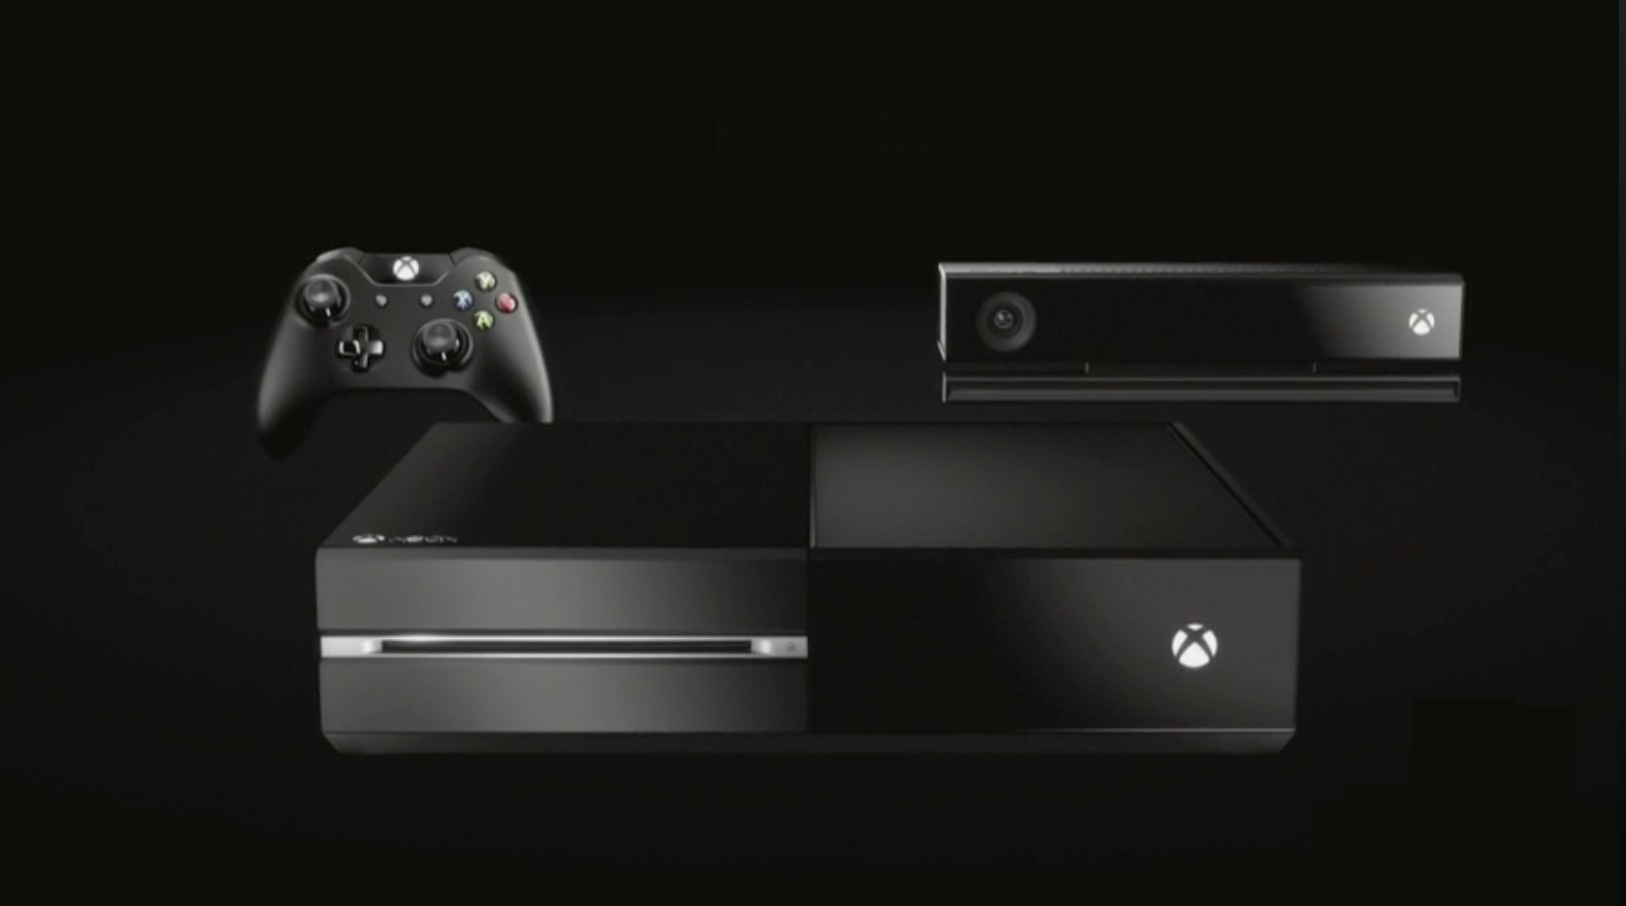 Los controles y accesorios de la Xbox 360 no serán compatibles con Xbox One